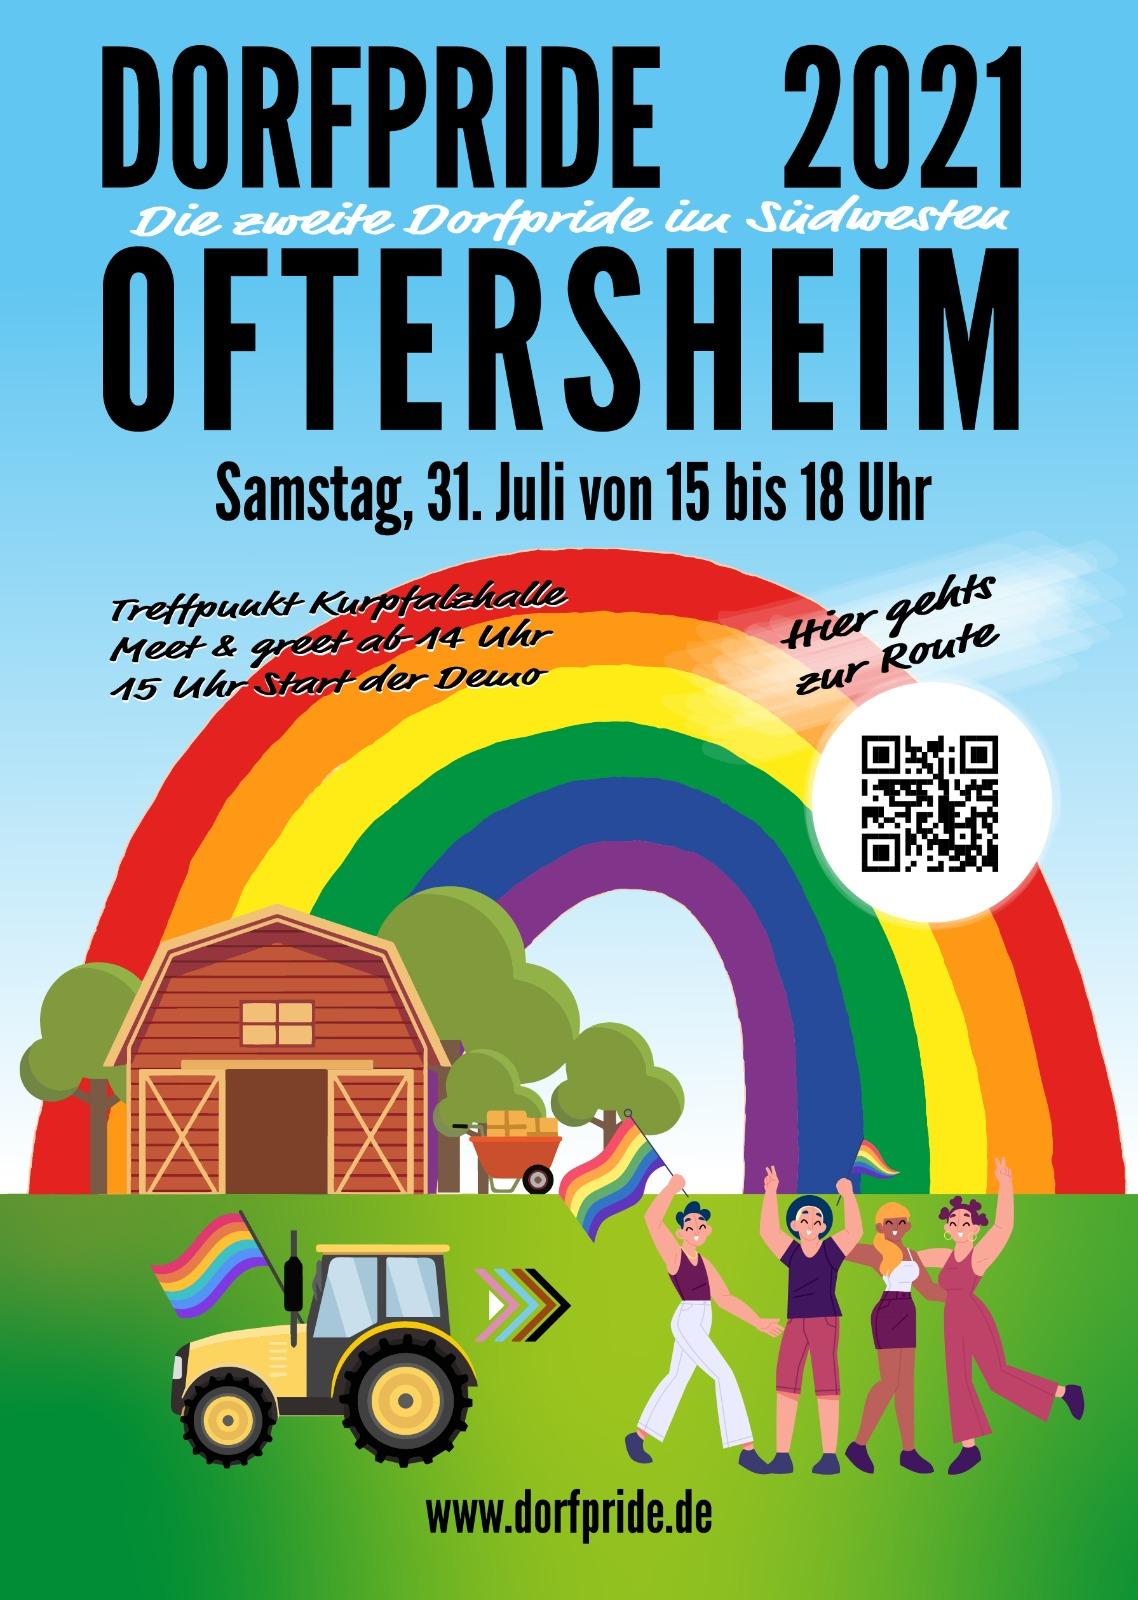 Dorfpride 2021 Plakat   Dofpride Ofteersheim Samstag 31. Juli 2021 15 bis 18 Uhr  Treffpunkt Kurpfalzhalle ab 14:00 Uhr 15 Uhr start der Demo